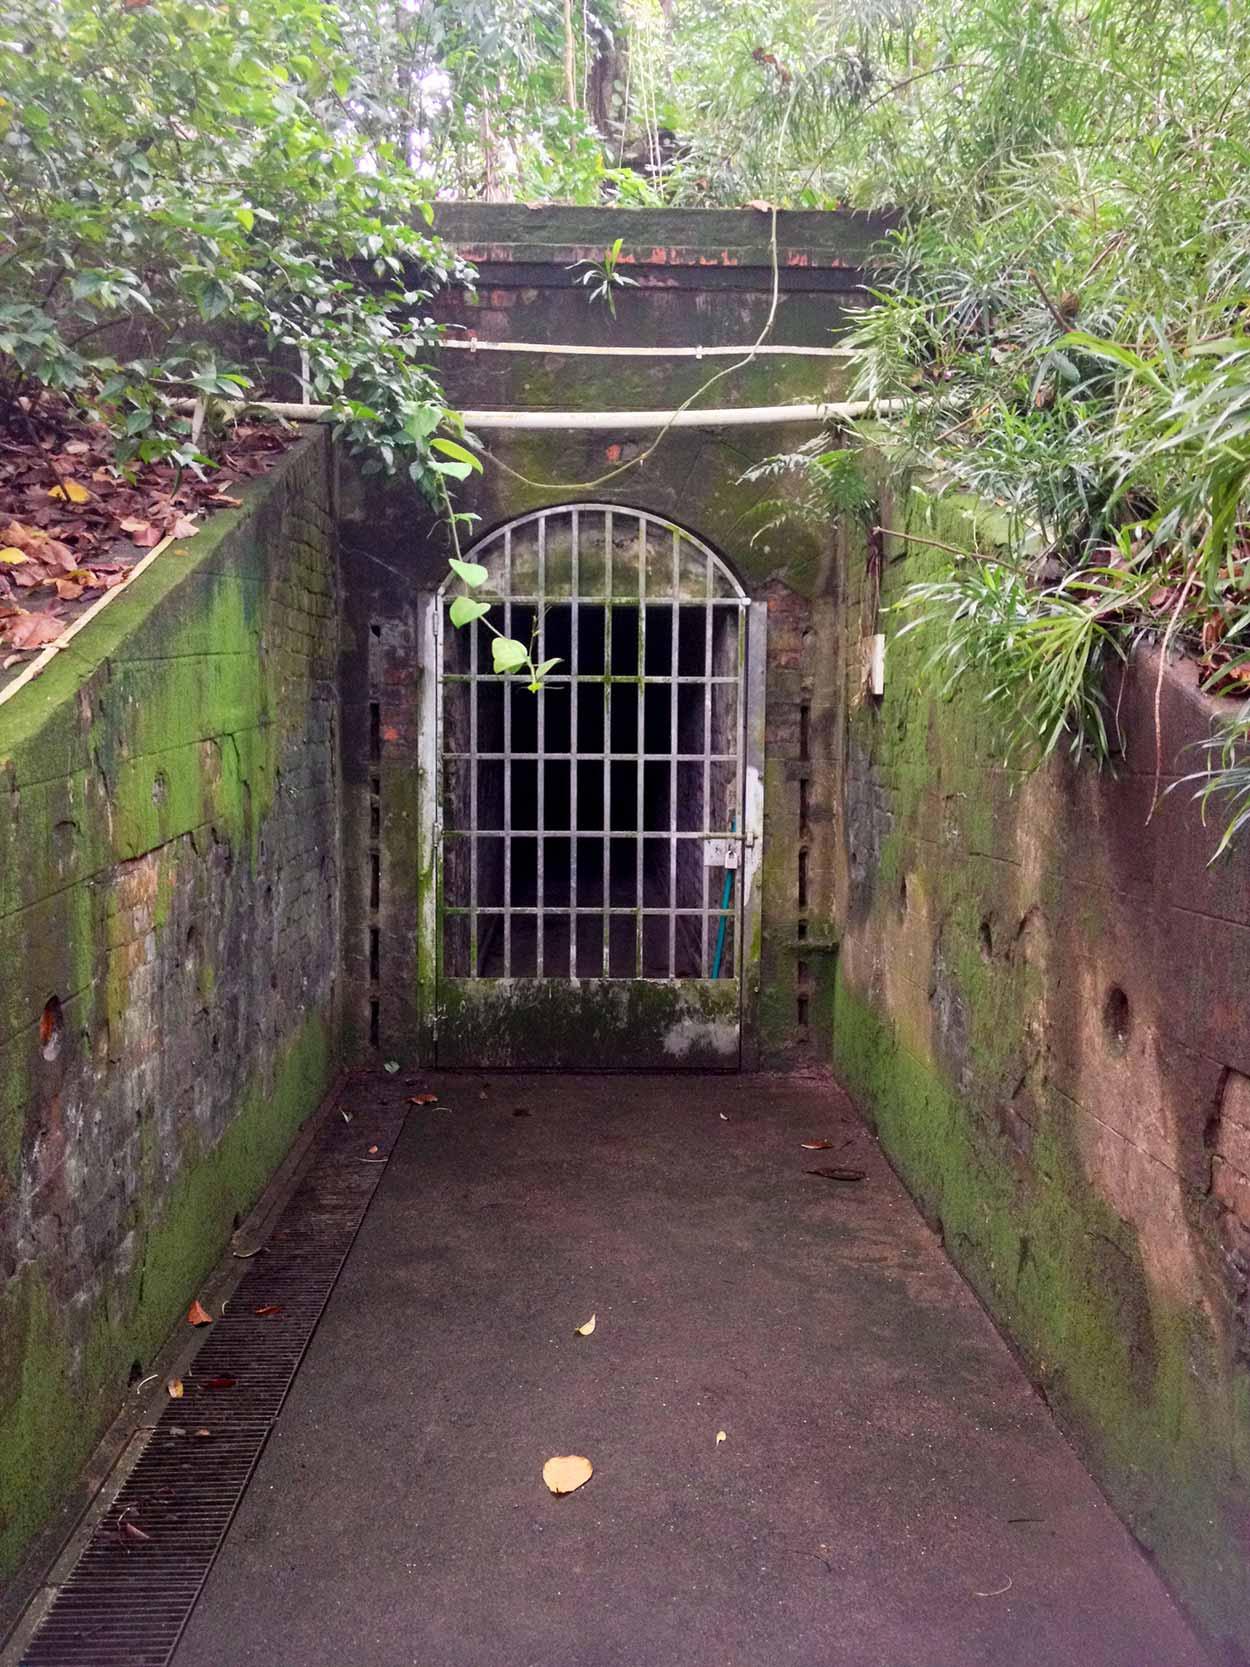 Unfortunately the tunnels under Labrador Nature Reserve are locked up, Labrador Nature Reserve, Singapore